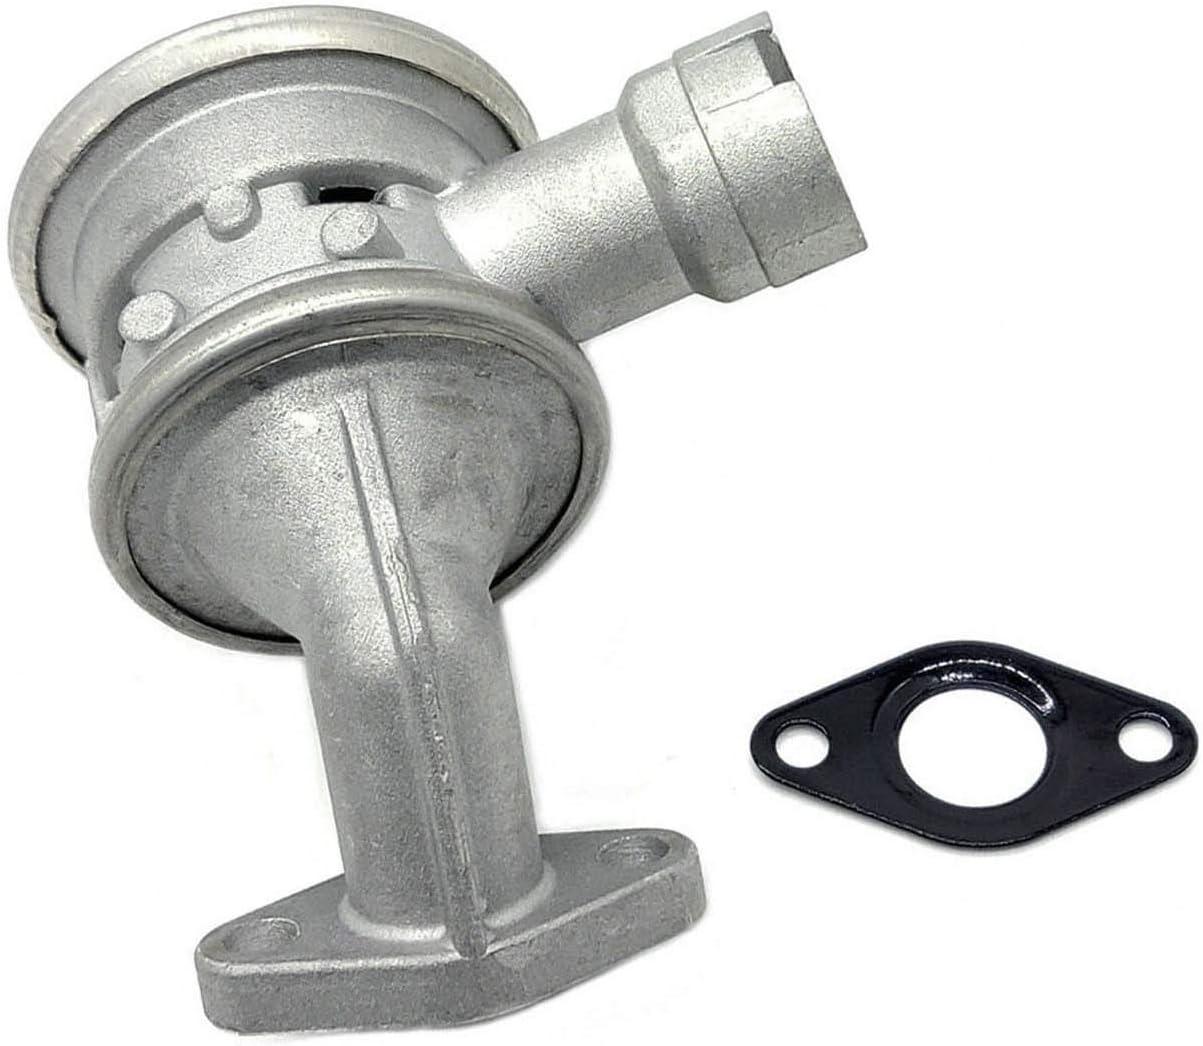 Secondary Air Pump Control Valve For E46 325i 2.5 330i 330Xi Ci 3.0 M54 Engine